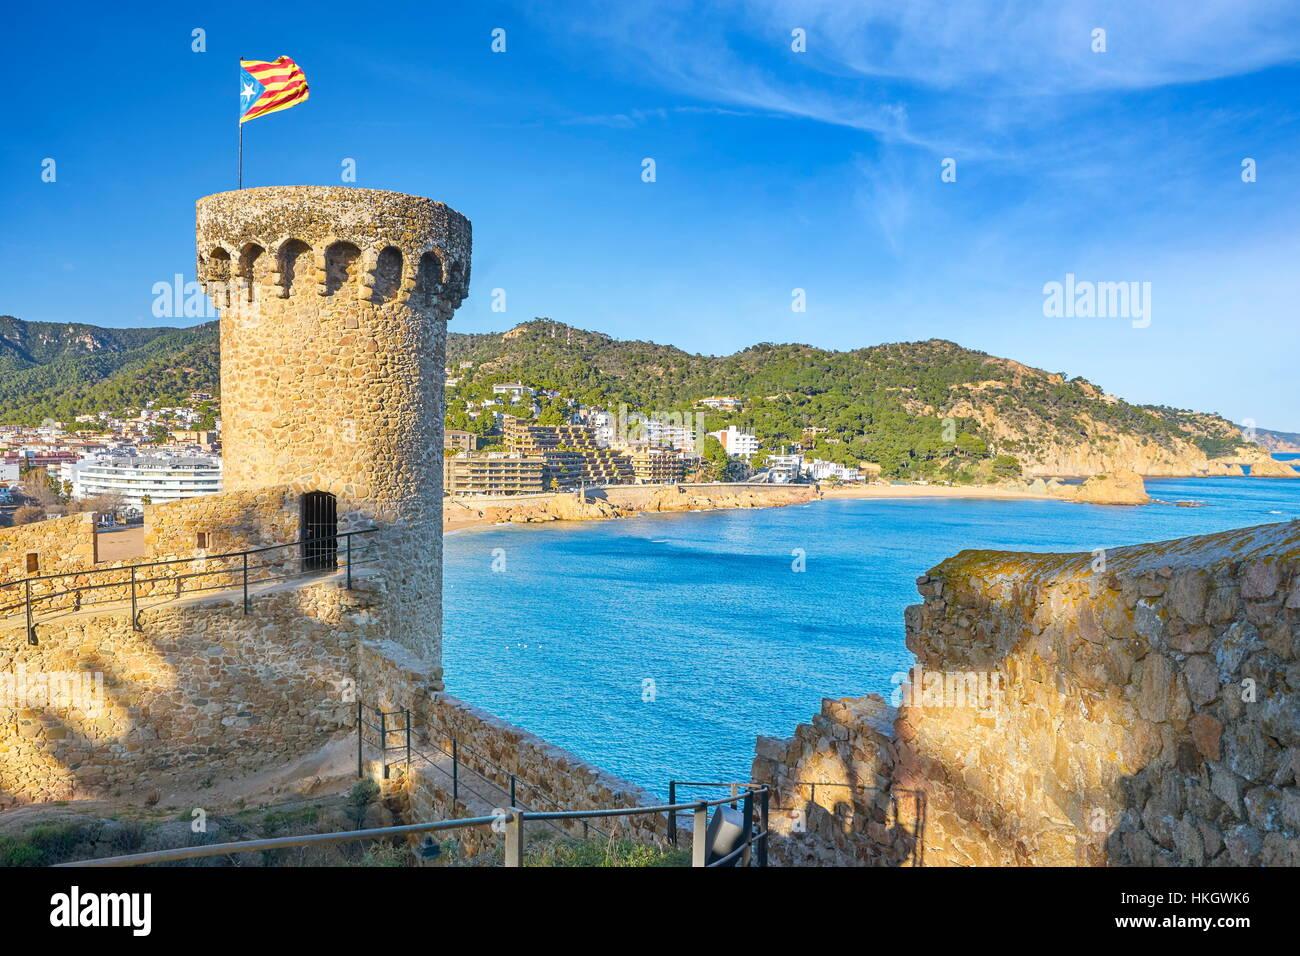 Tossa del Mar, Costa Brava, Katalonien, Spanien Stockbild